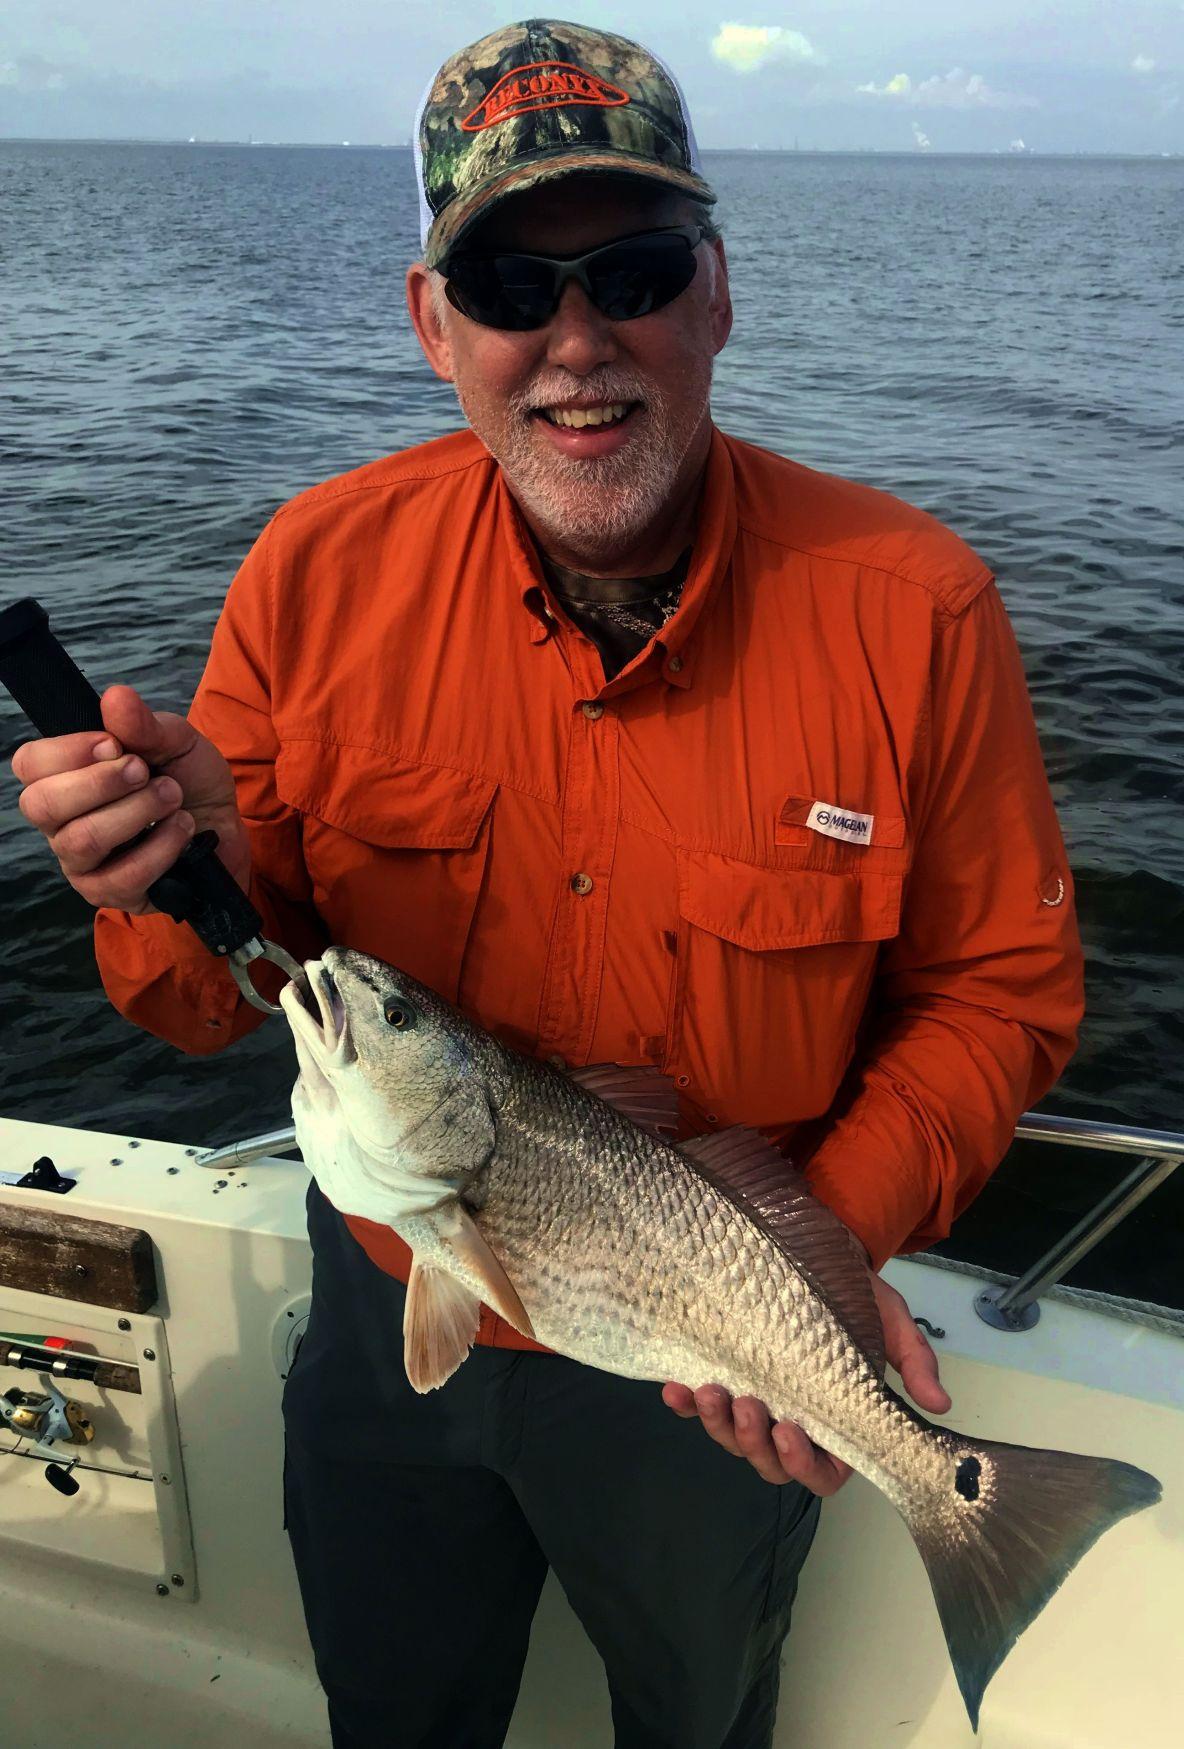 Bob Maindelle Guide Lines Nov. 19